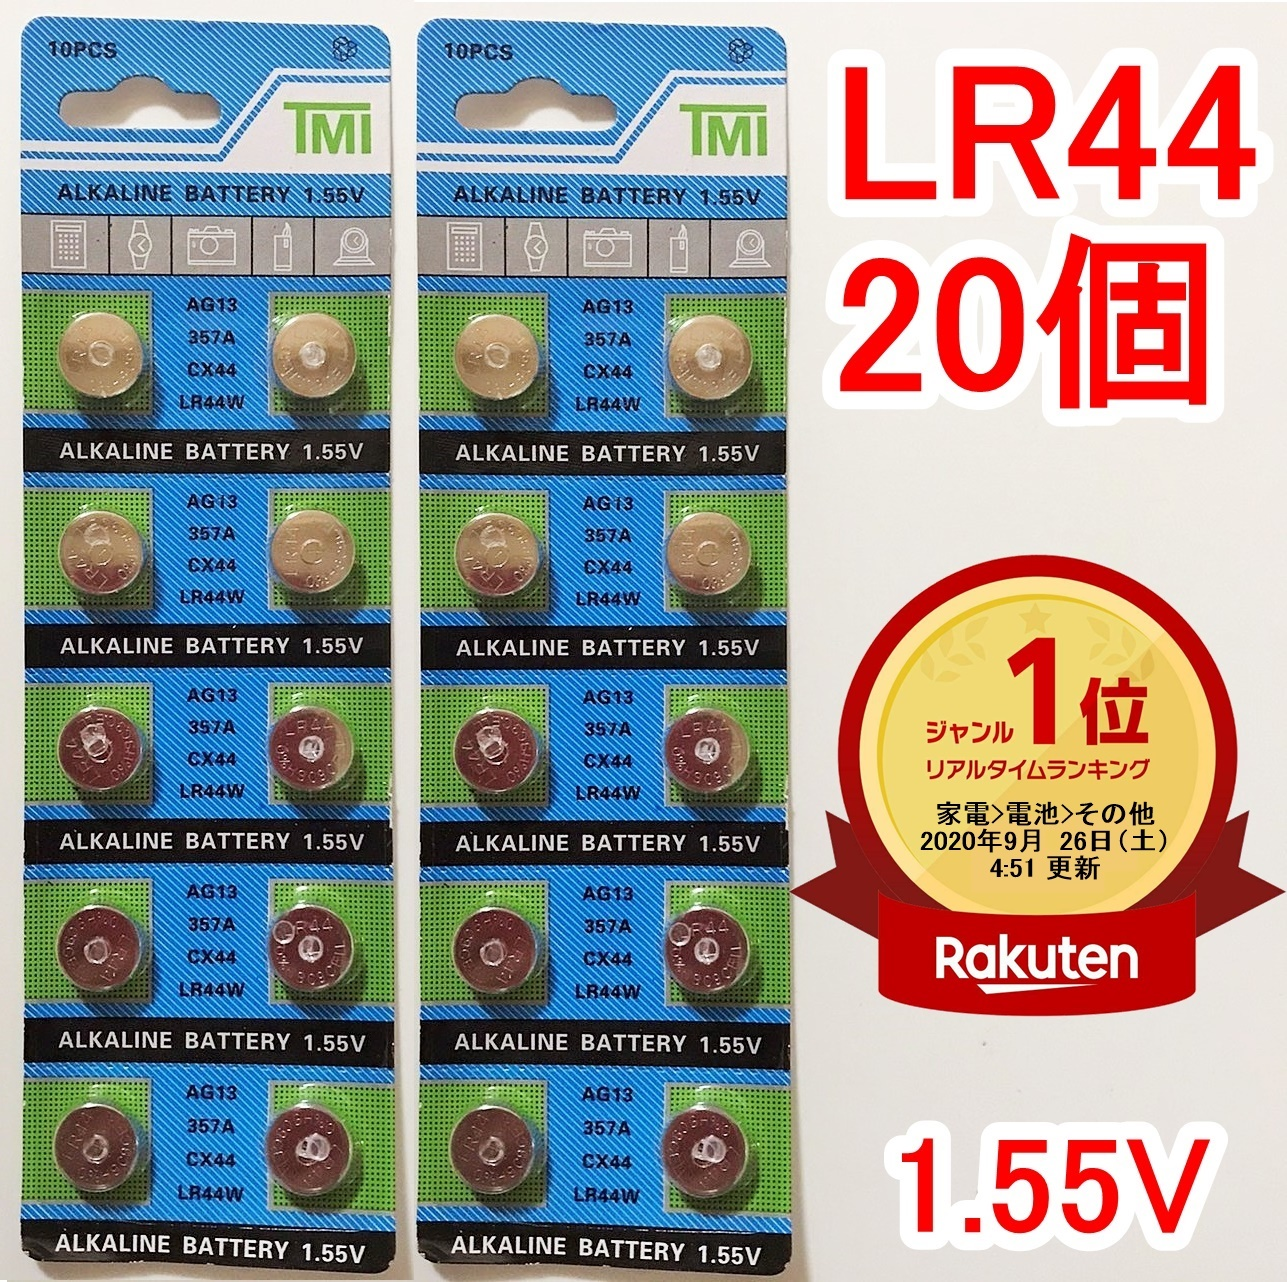 購買 アルカリボタン電池 ランキング1位受賞 翌日出荷 LR44 水銀0% 1.5V 送料無料 誕生日/お祝い 20個セット